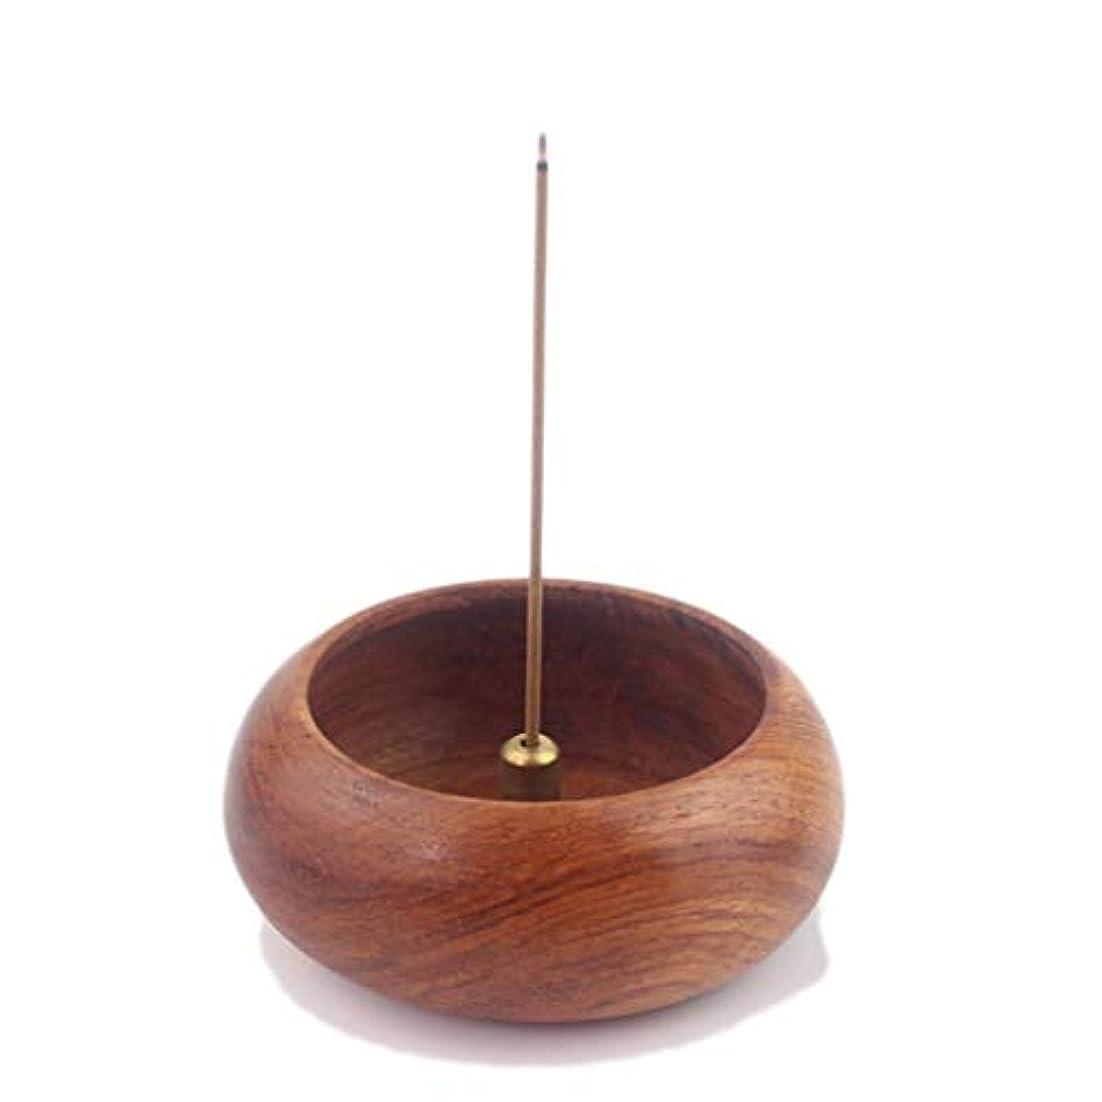 医療のフィード時間ローズウッドボウル型の香炉ホルダーホーム&キッチン炉香ホルダー装飾香スティックコーンバーナーホルダー (Color : Wood, サイズ : 2.44*0.94inches)